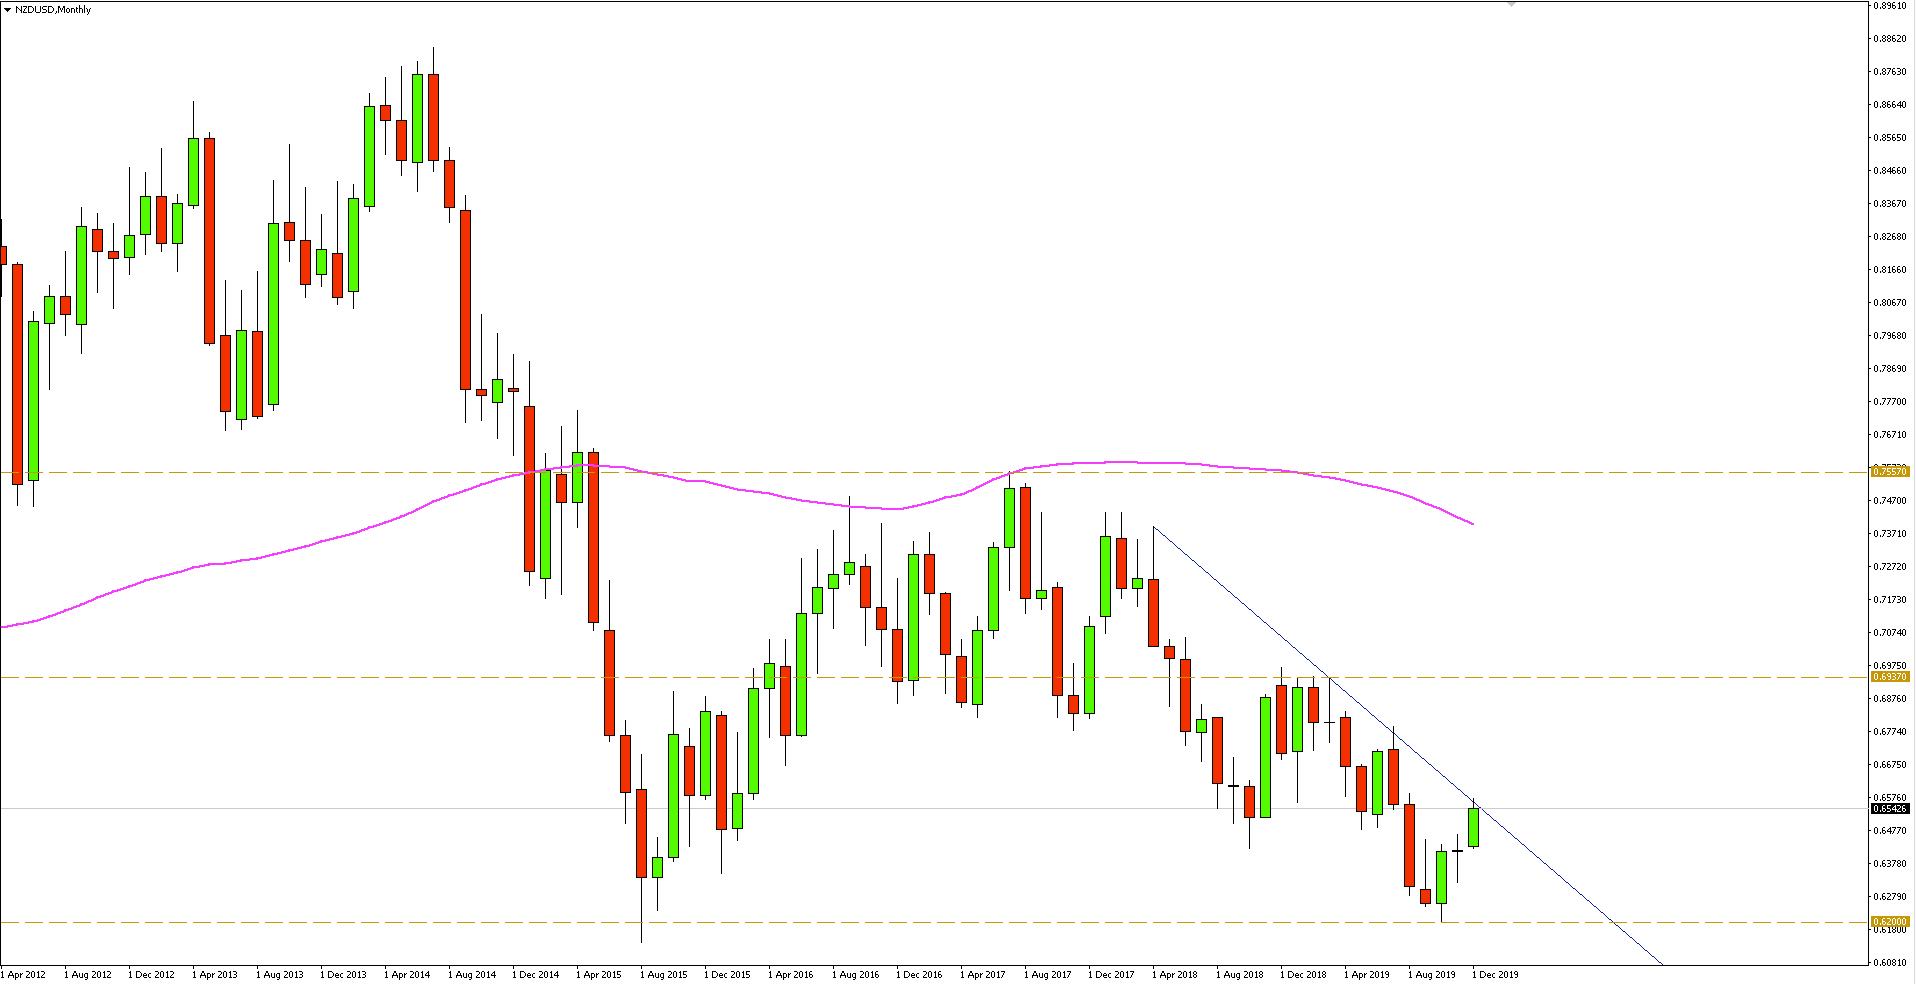 Wykres miesięczny pary walutowej NZDUSD - 11.12.2019 r.